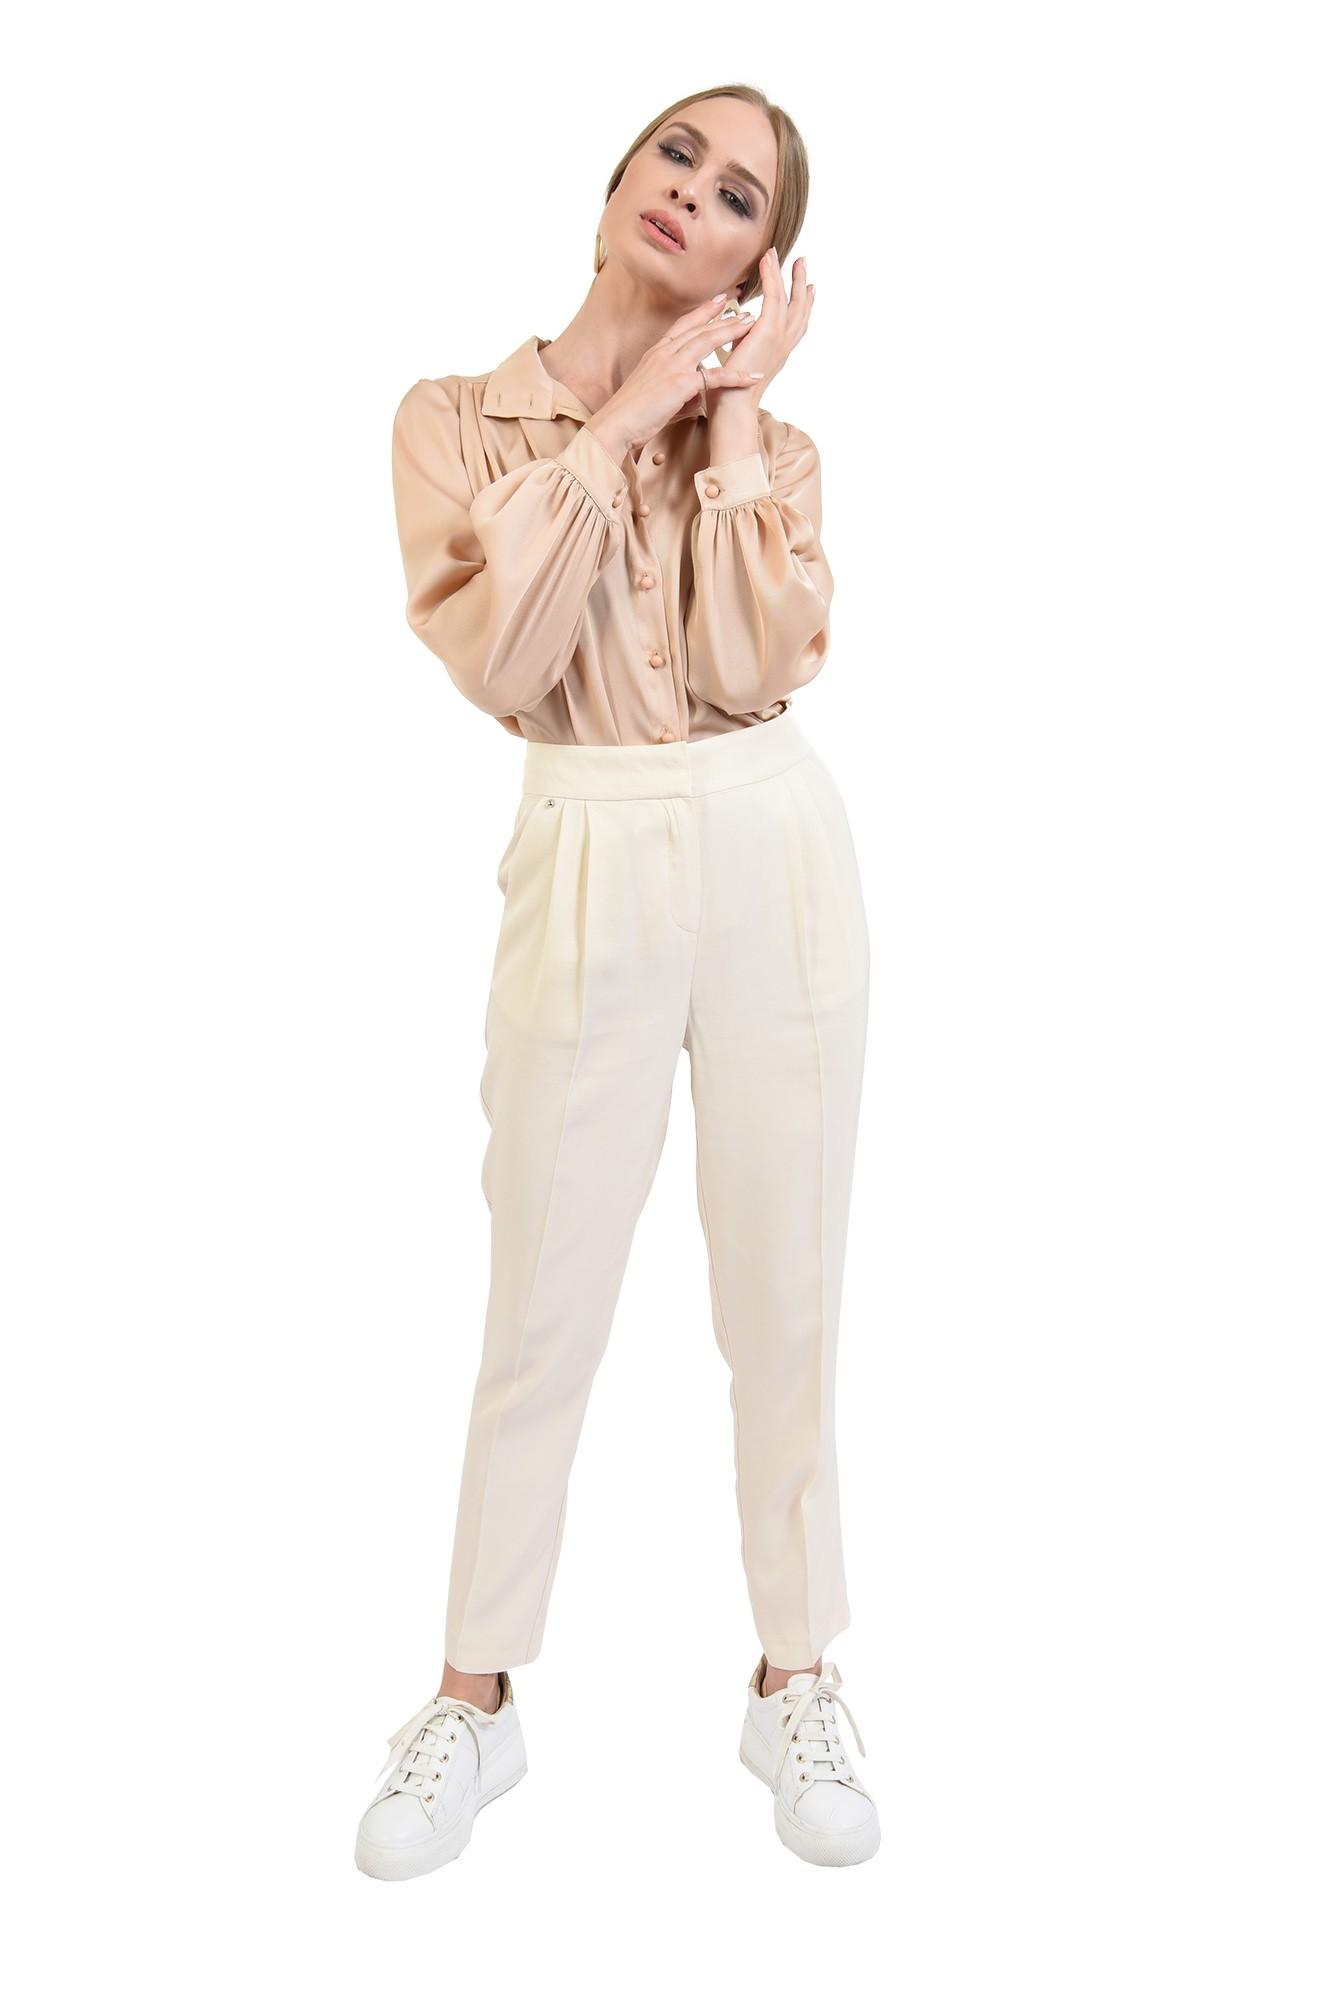 360 - pantaloni casual, crem, conici, cu pense, Poema